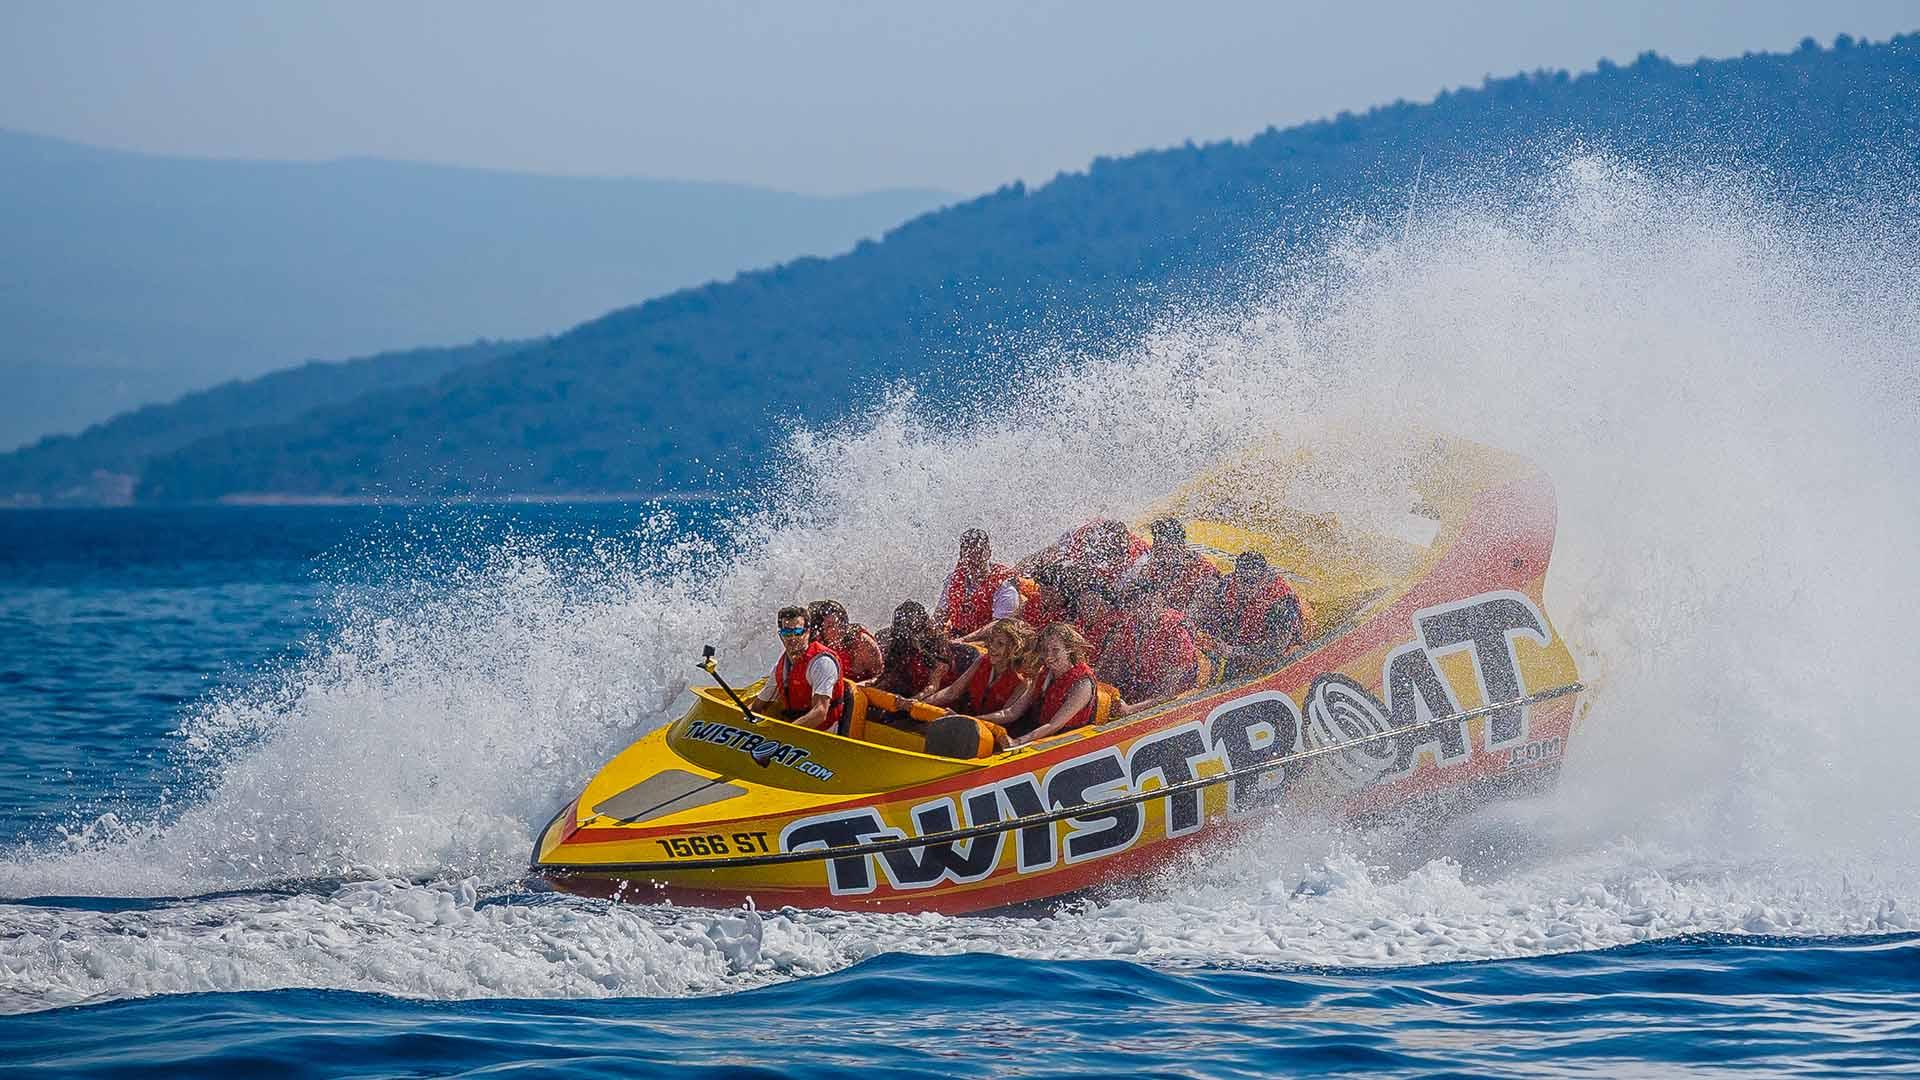 Twistboat 5